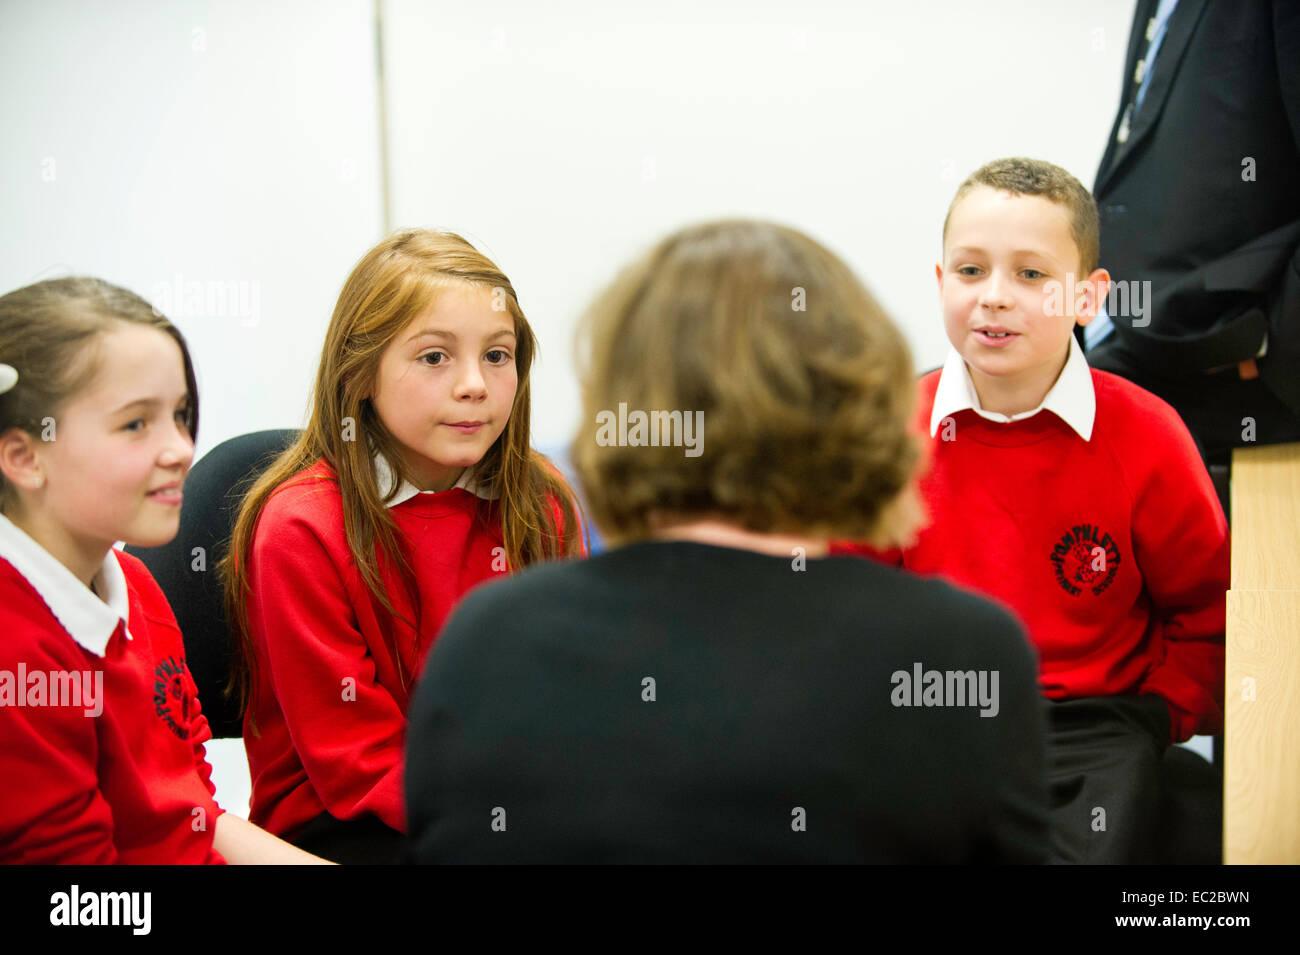 Un maestro educar a 3 niños Imagen De Stock